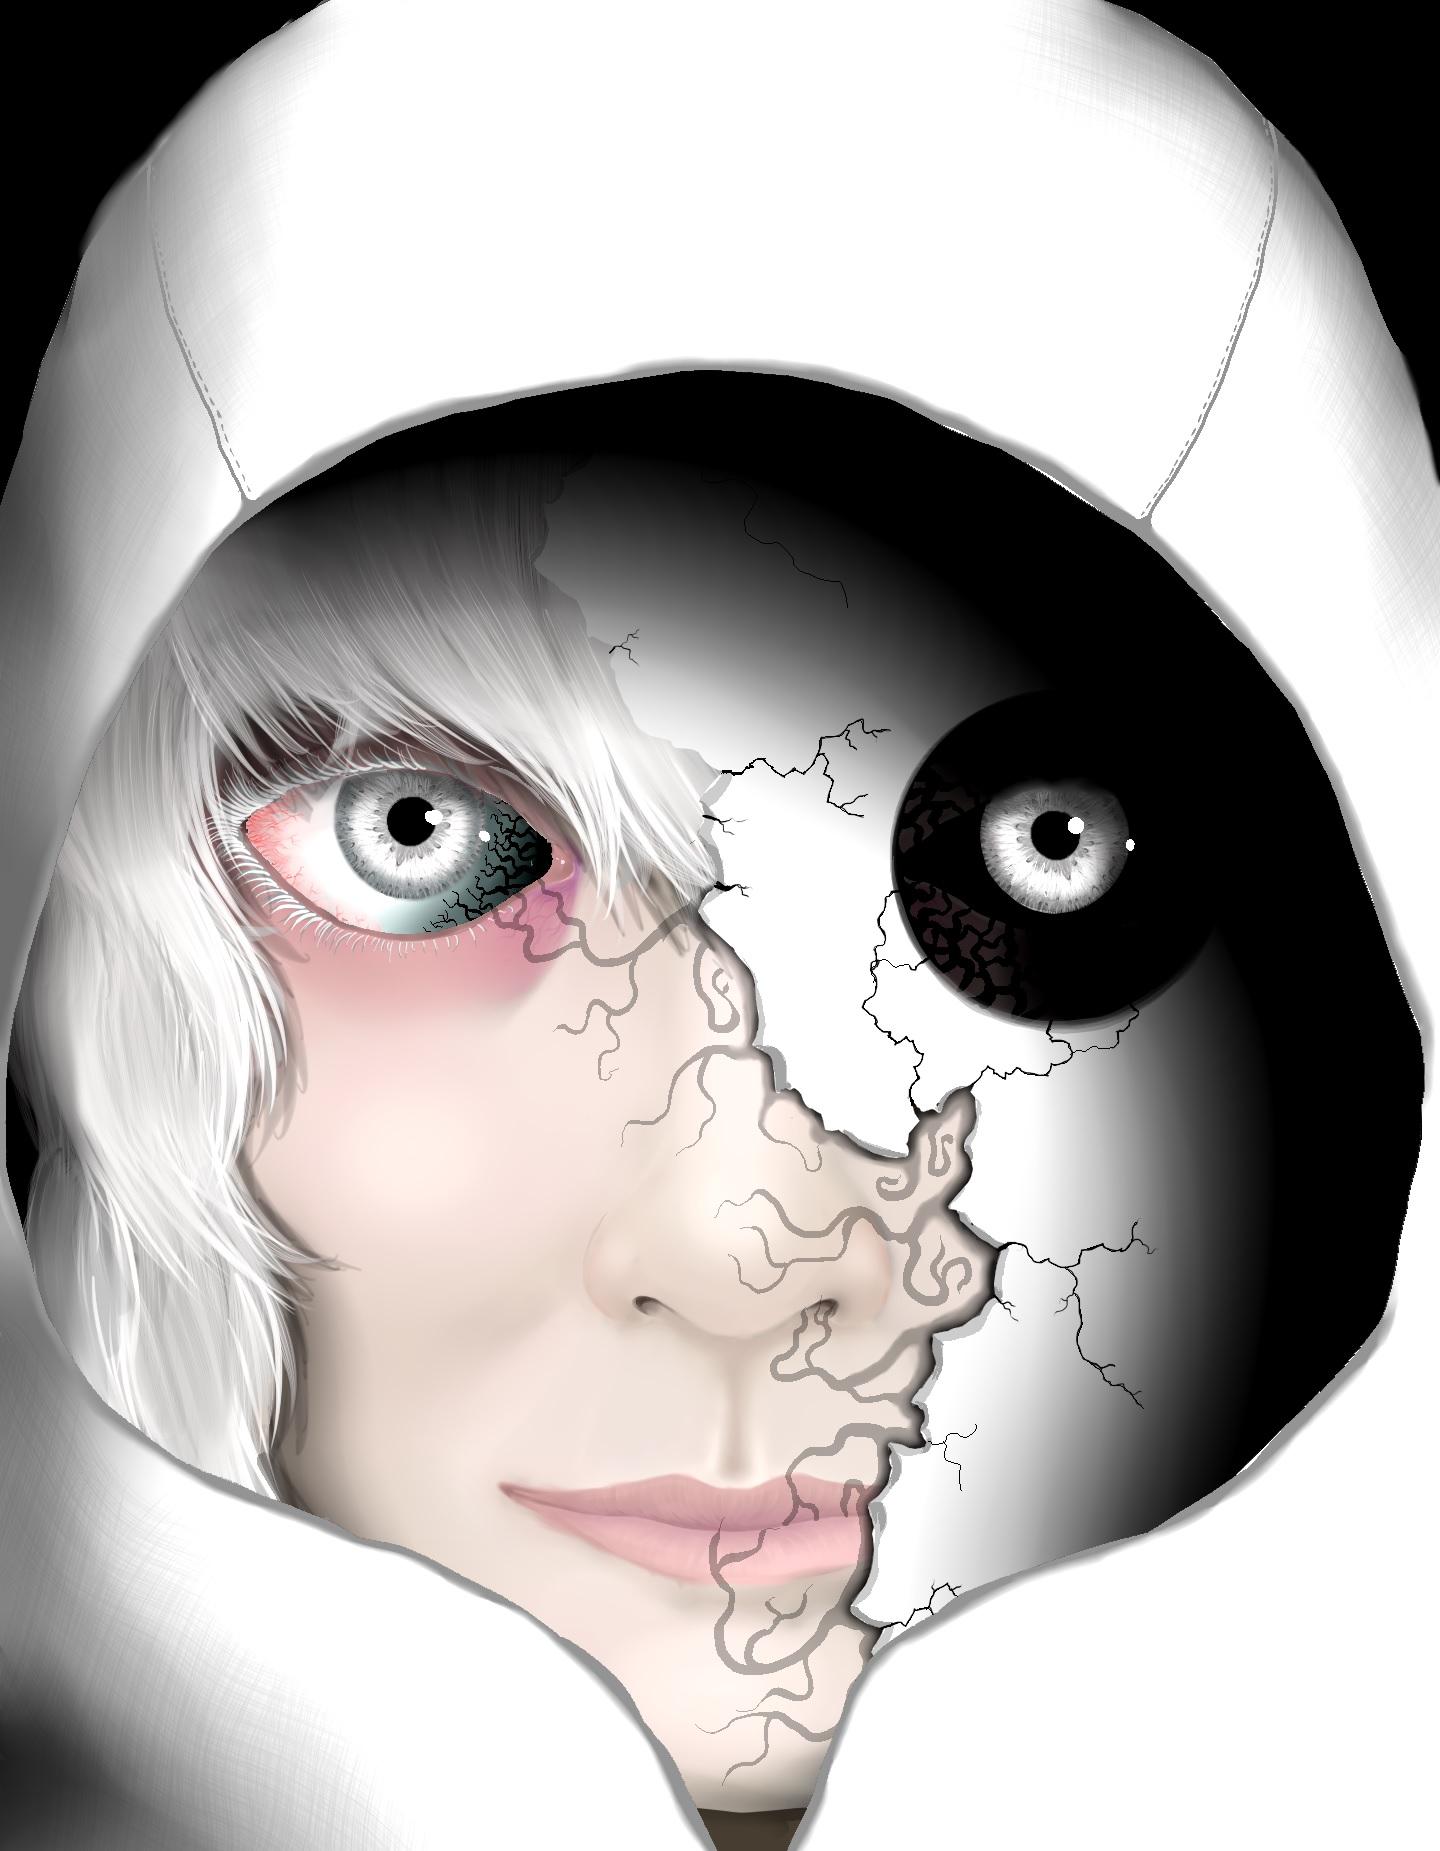 Let your mask break